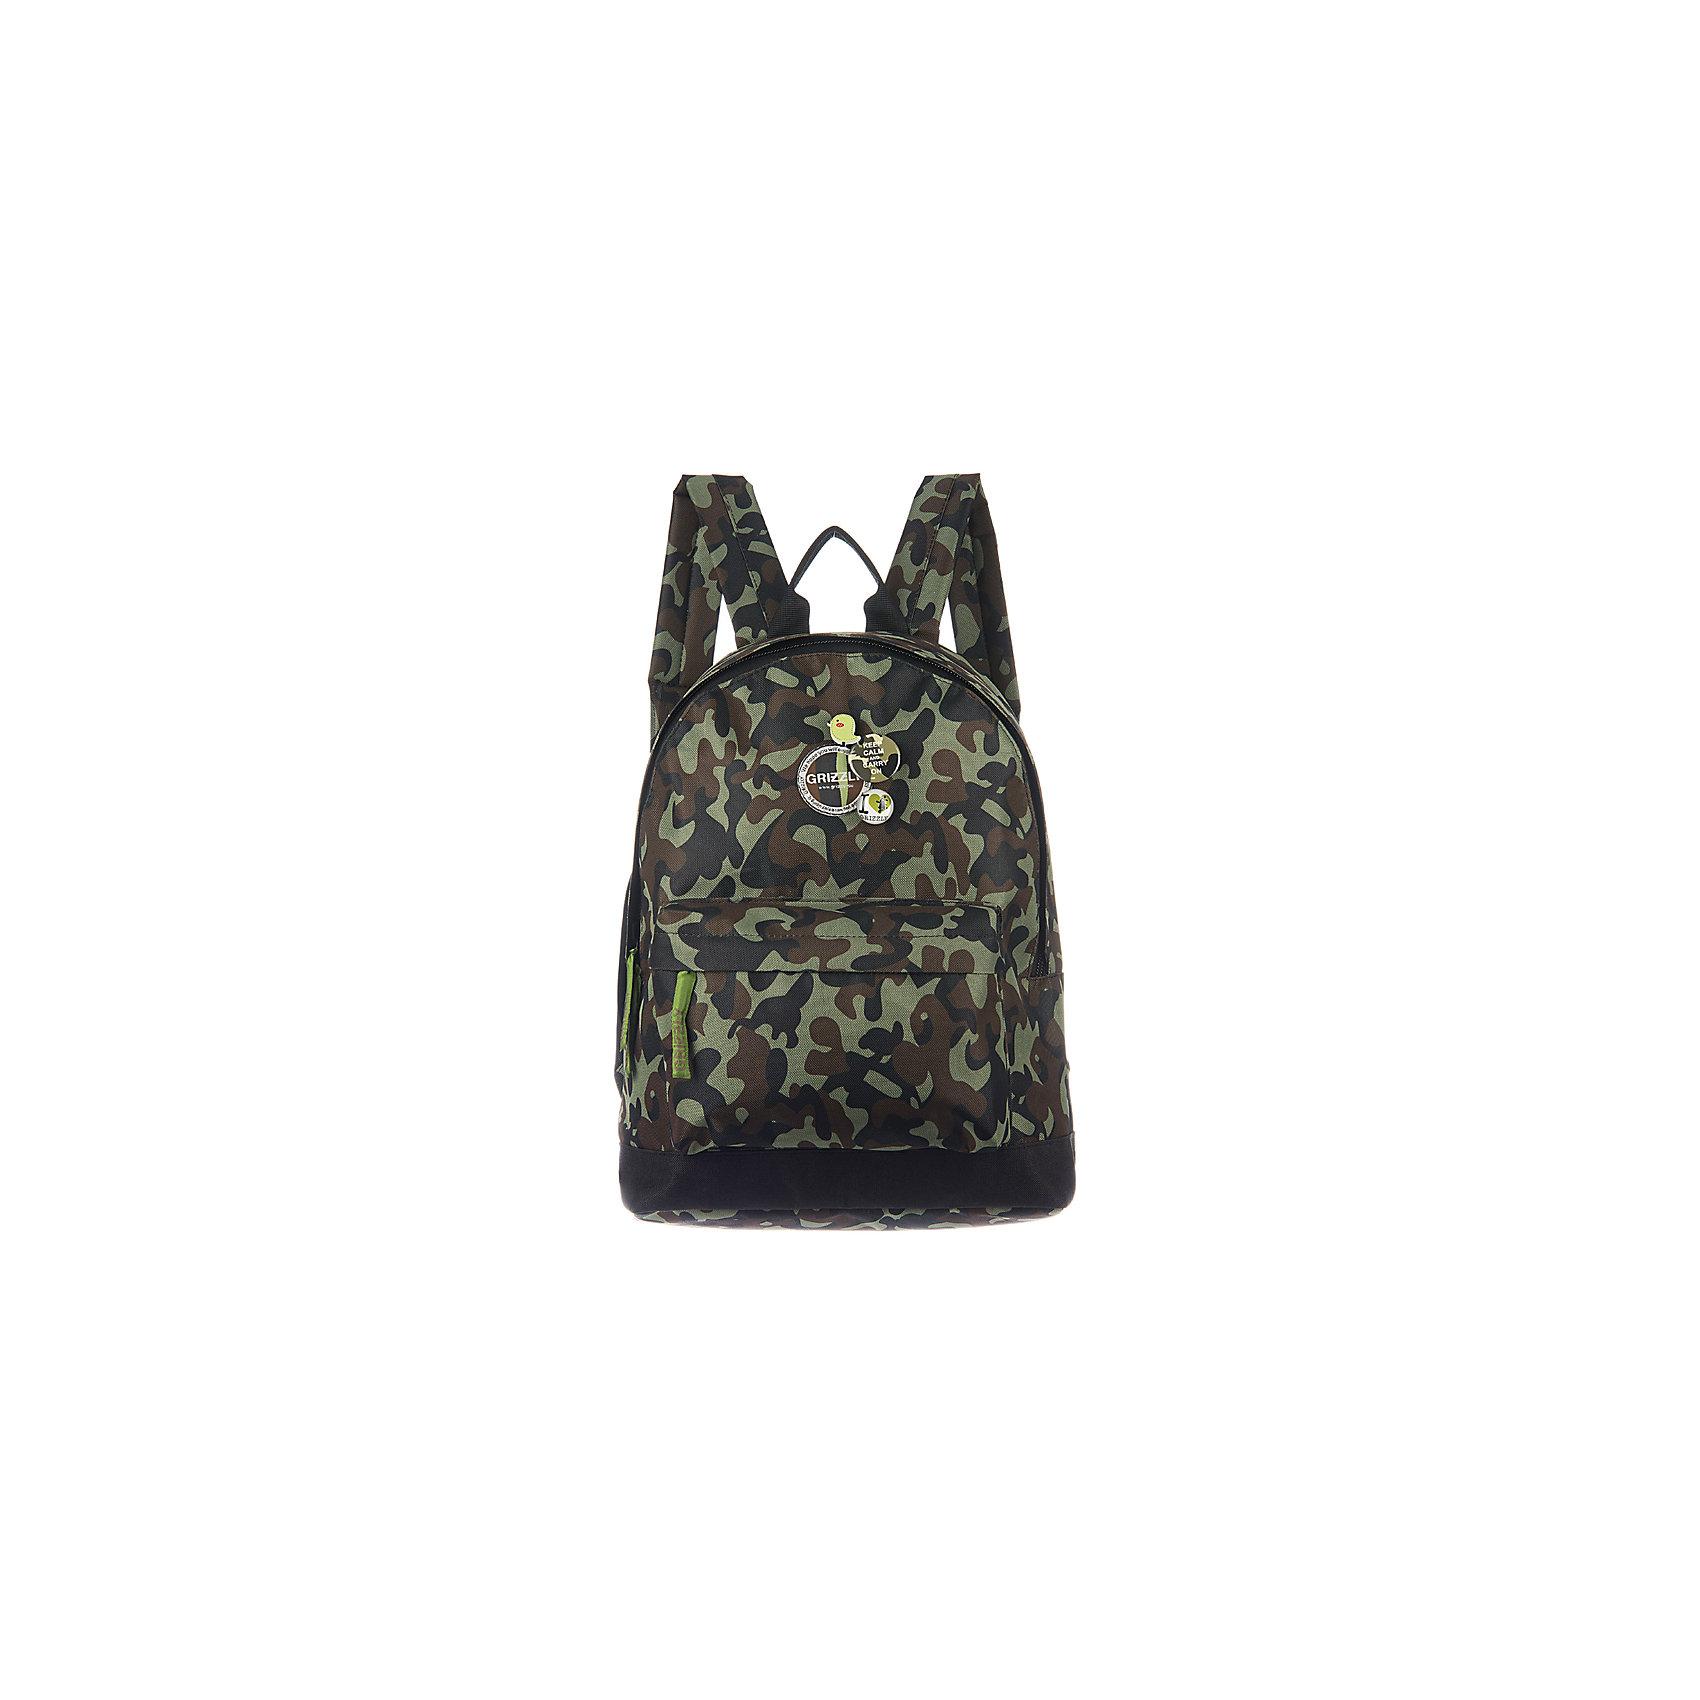 Рюкзак Grizzly, темно-зеленый камуфляжРюкзаки<br>Рюкзак молодежный, одно отделение, объемный карман на молнии на передней стенке, внутренний подвесной карман на молнии, укрепленная спинка, дополнительная ручка-петля, укрепленные лямки, декоративные съемные значки<br><br>Ширина мм: 320<br>Глубина мм: 120<br>Высота мм: 410<br>Вес г: 437<br>Возраст от месяцев: 72<br>Возраст до месяцев: 2147483647<br>Пол: Мужской<br>Возраст: Детский<br>SKU: 6939811